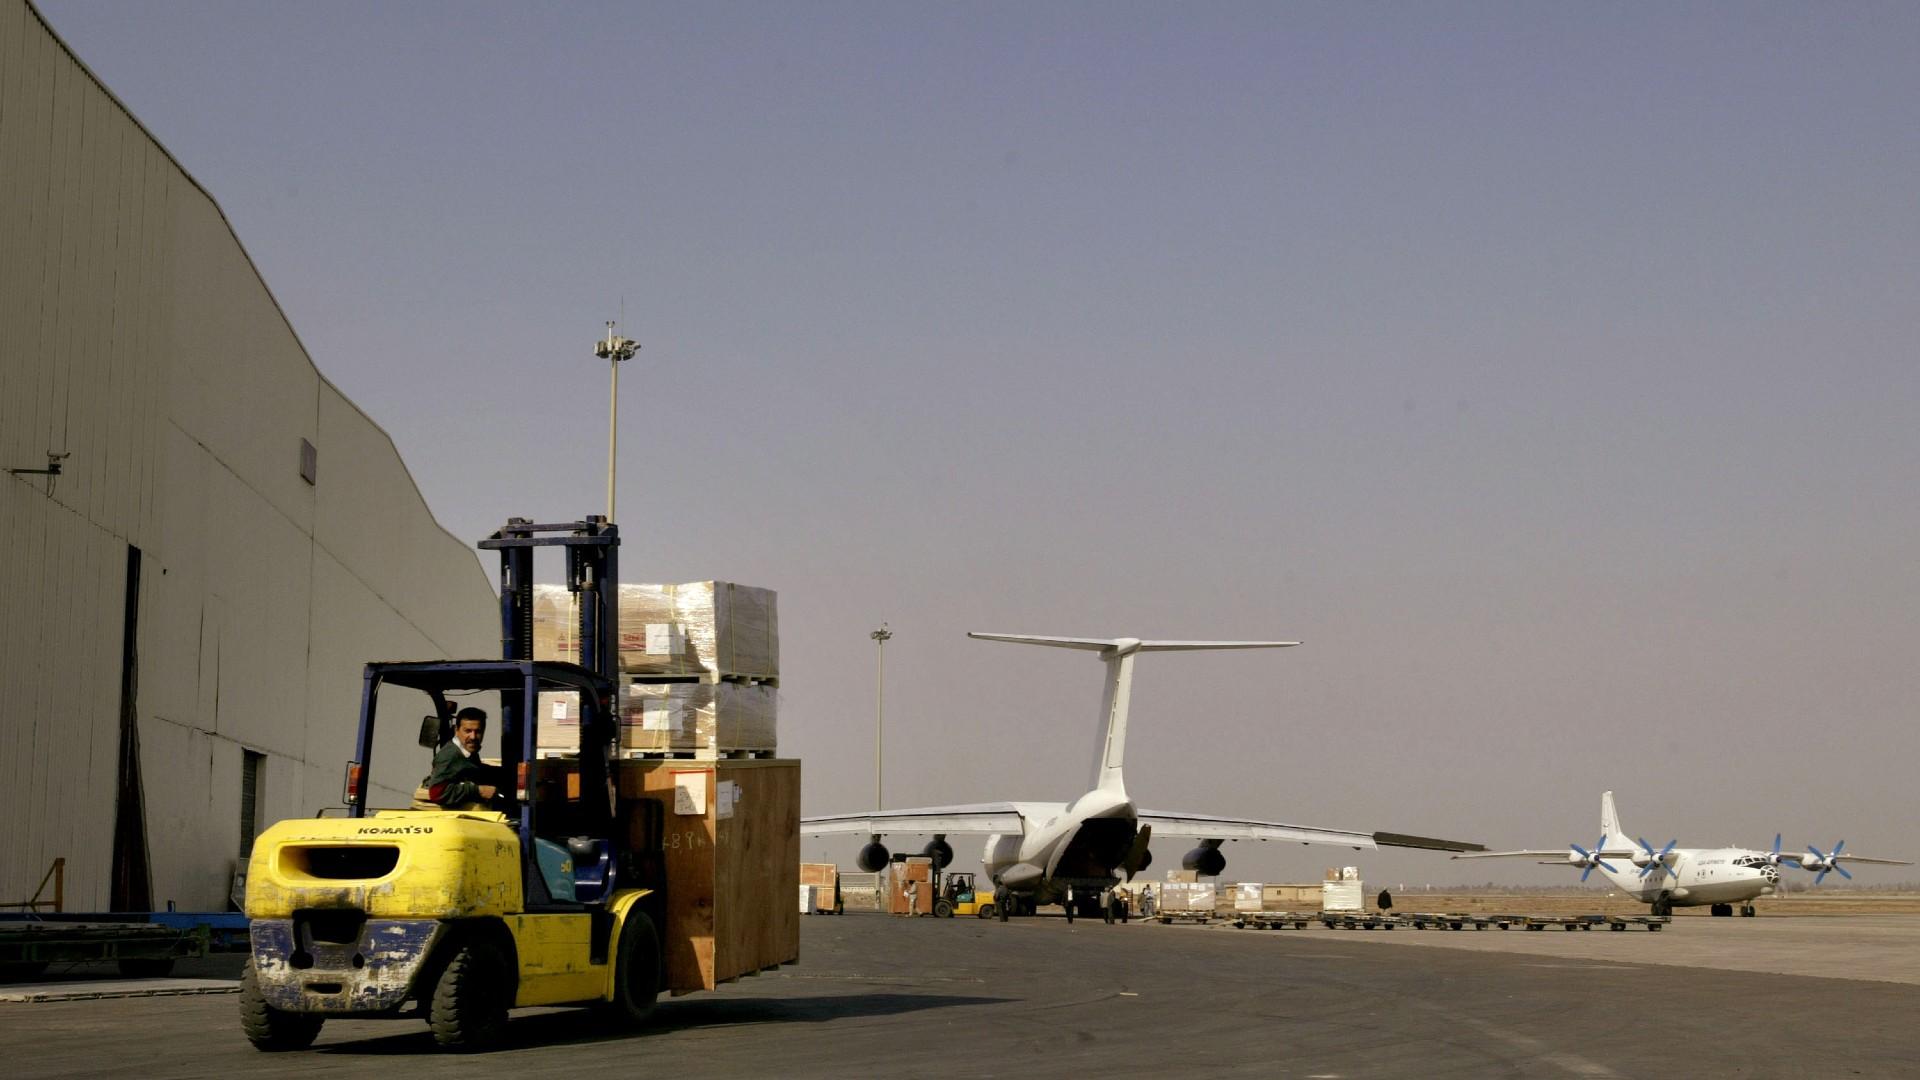 Impacta un cohete en la sección militar del aeropuerto de Bagdad (Foto_ Getty Images)